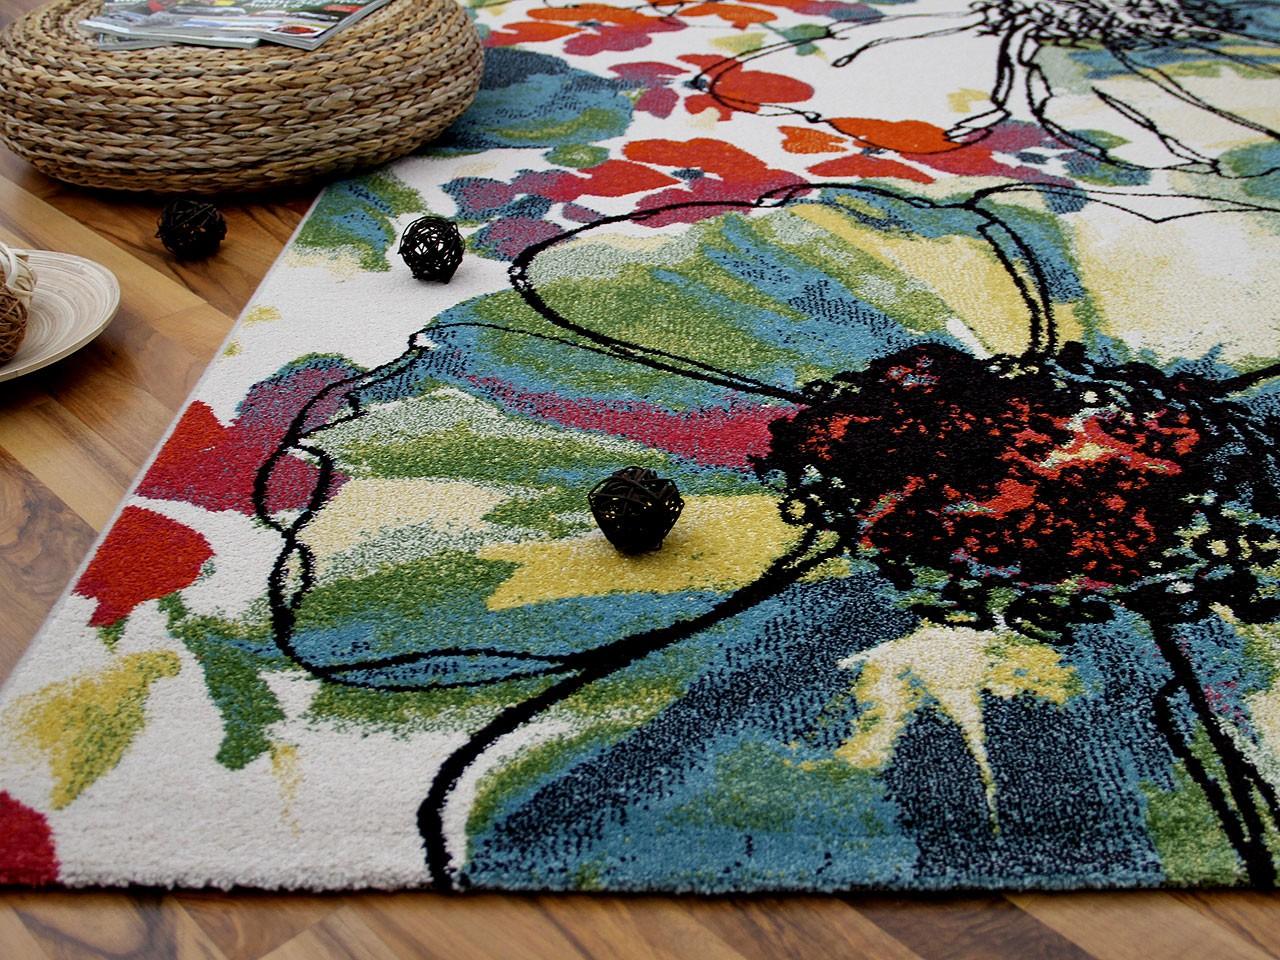 designer teppich arizona blumen bunt abverkauf teppiche designerteppiche arizona teppiche. Black Bedroom Furniture Sets. Home Design Ideas